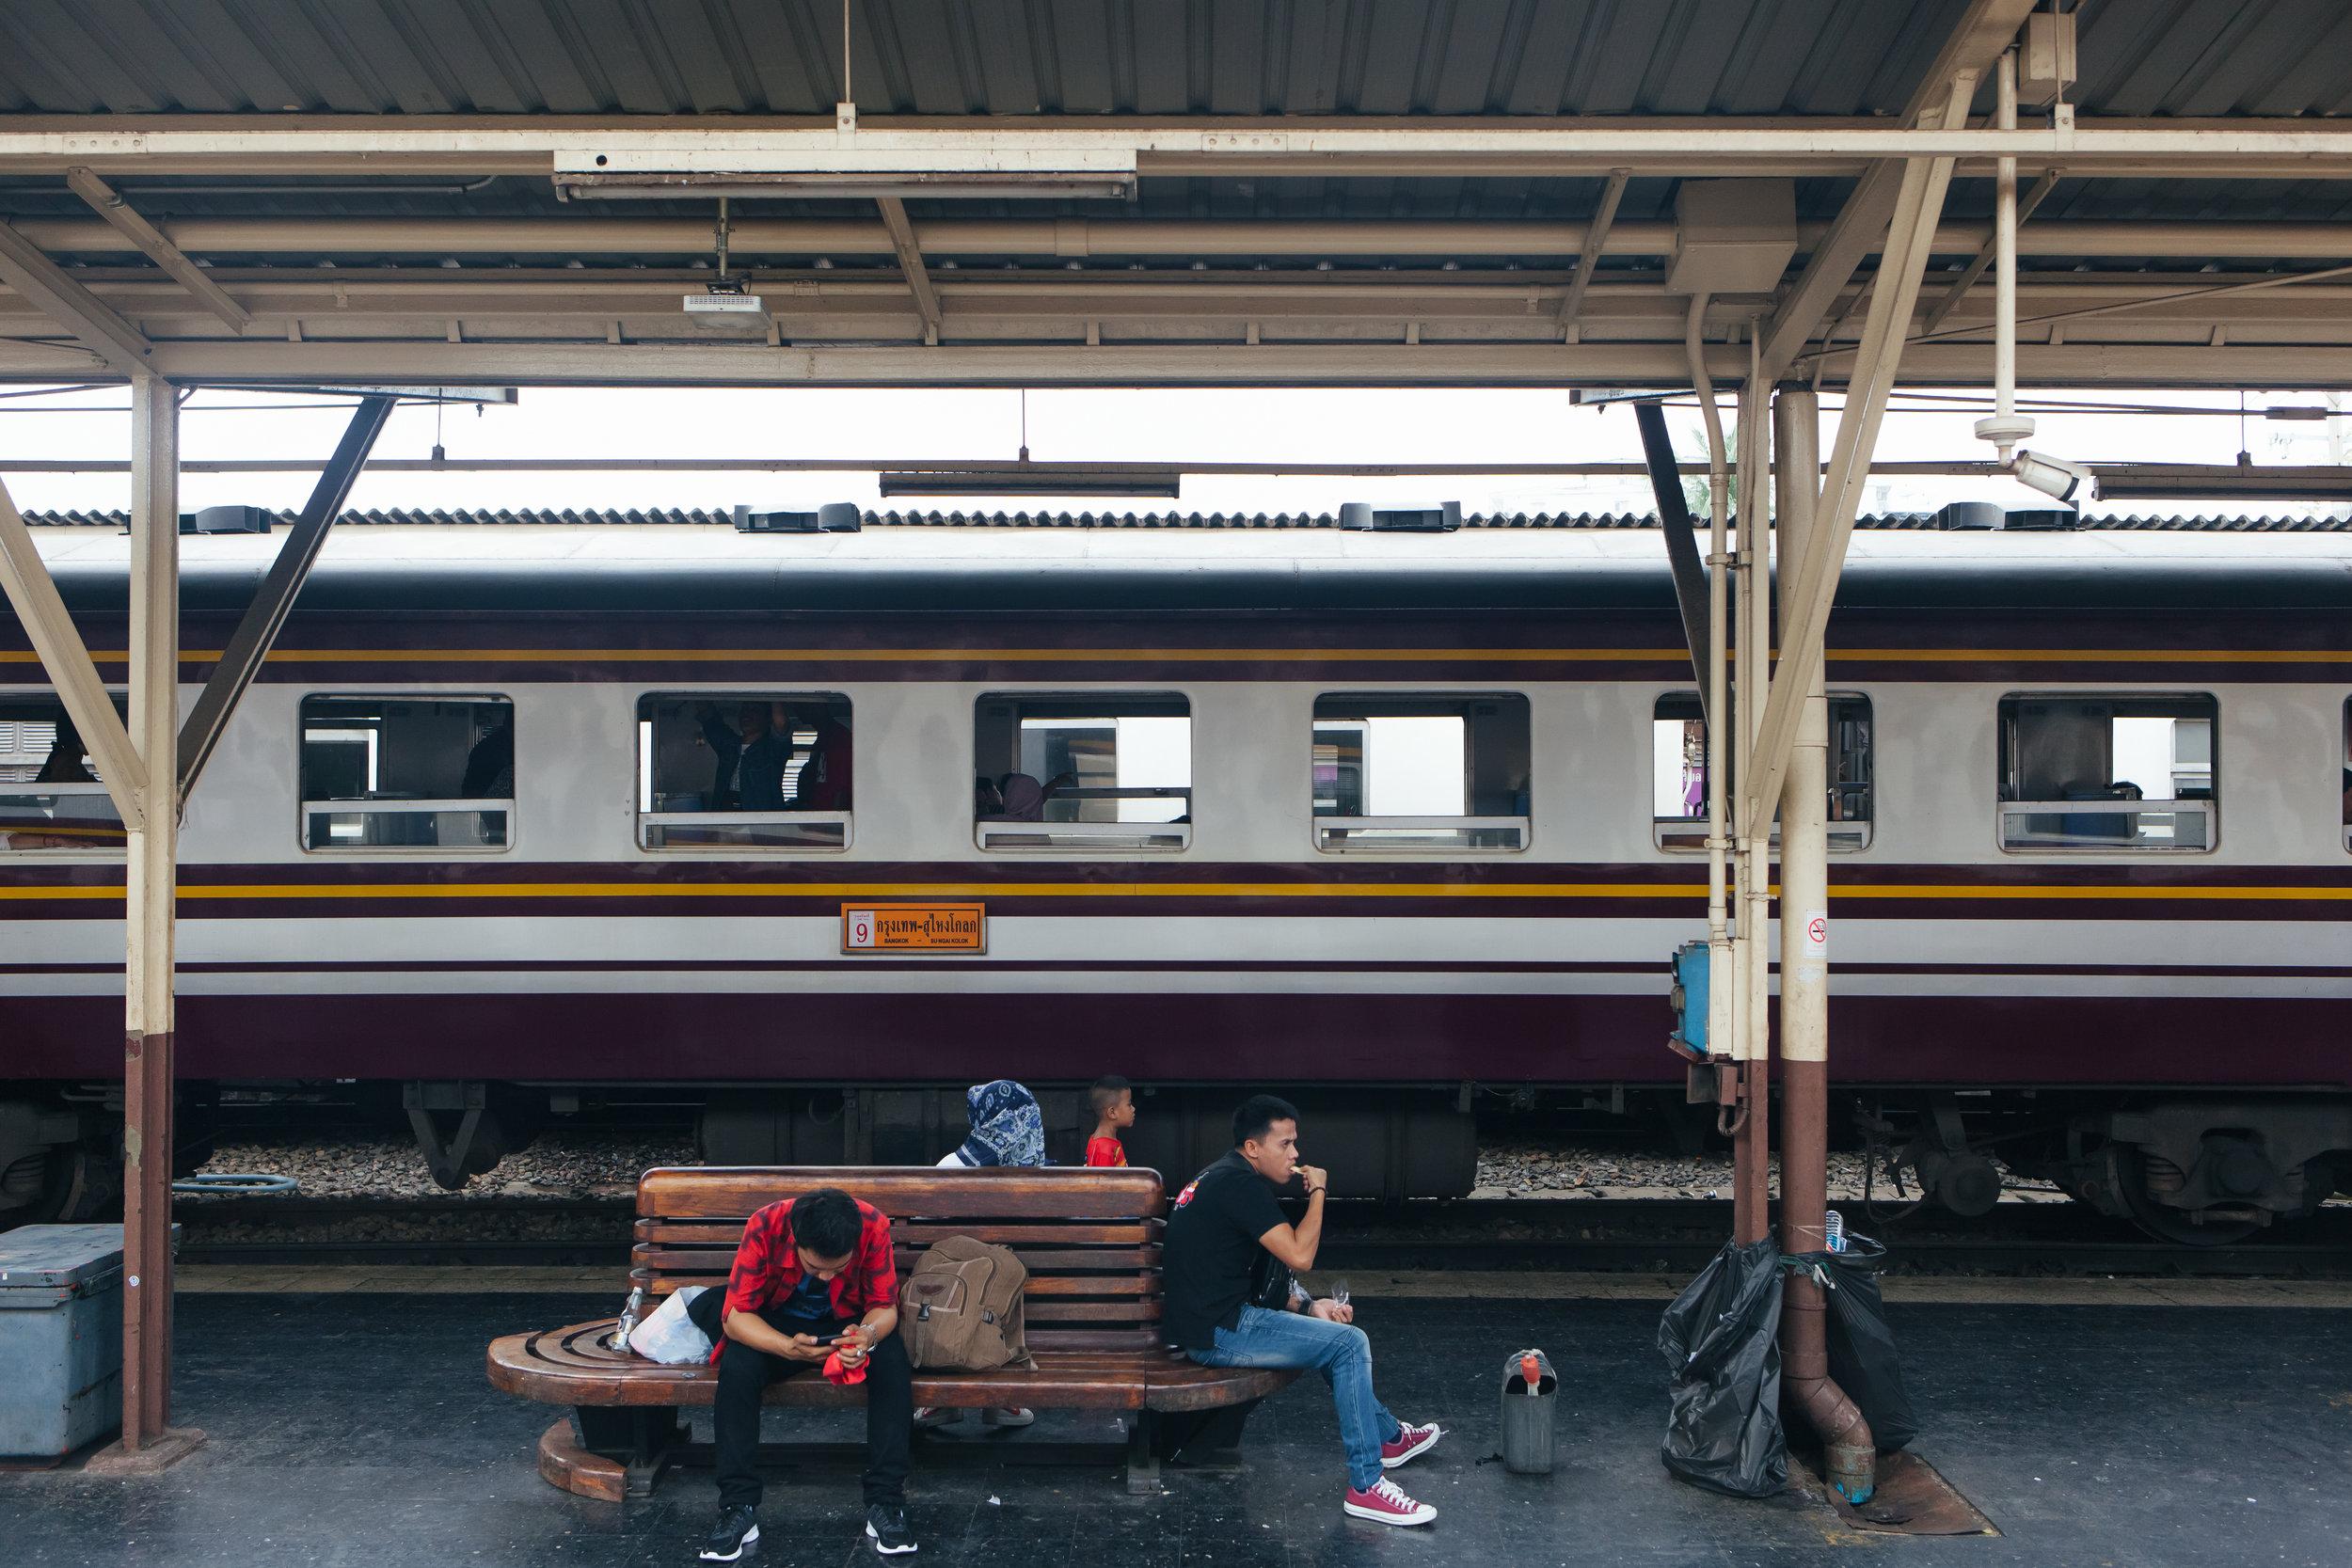 thailand_lampang_ayuthaya_train (71 of 77).jpg